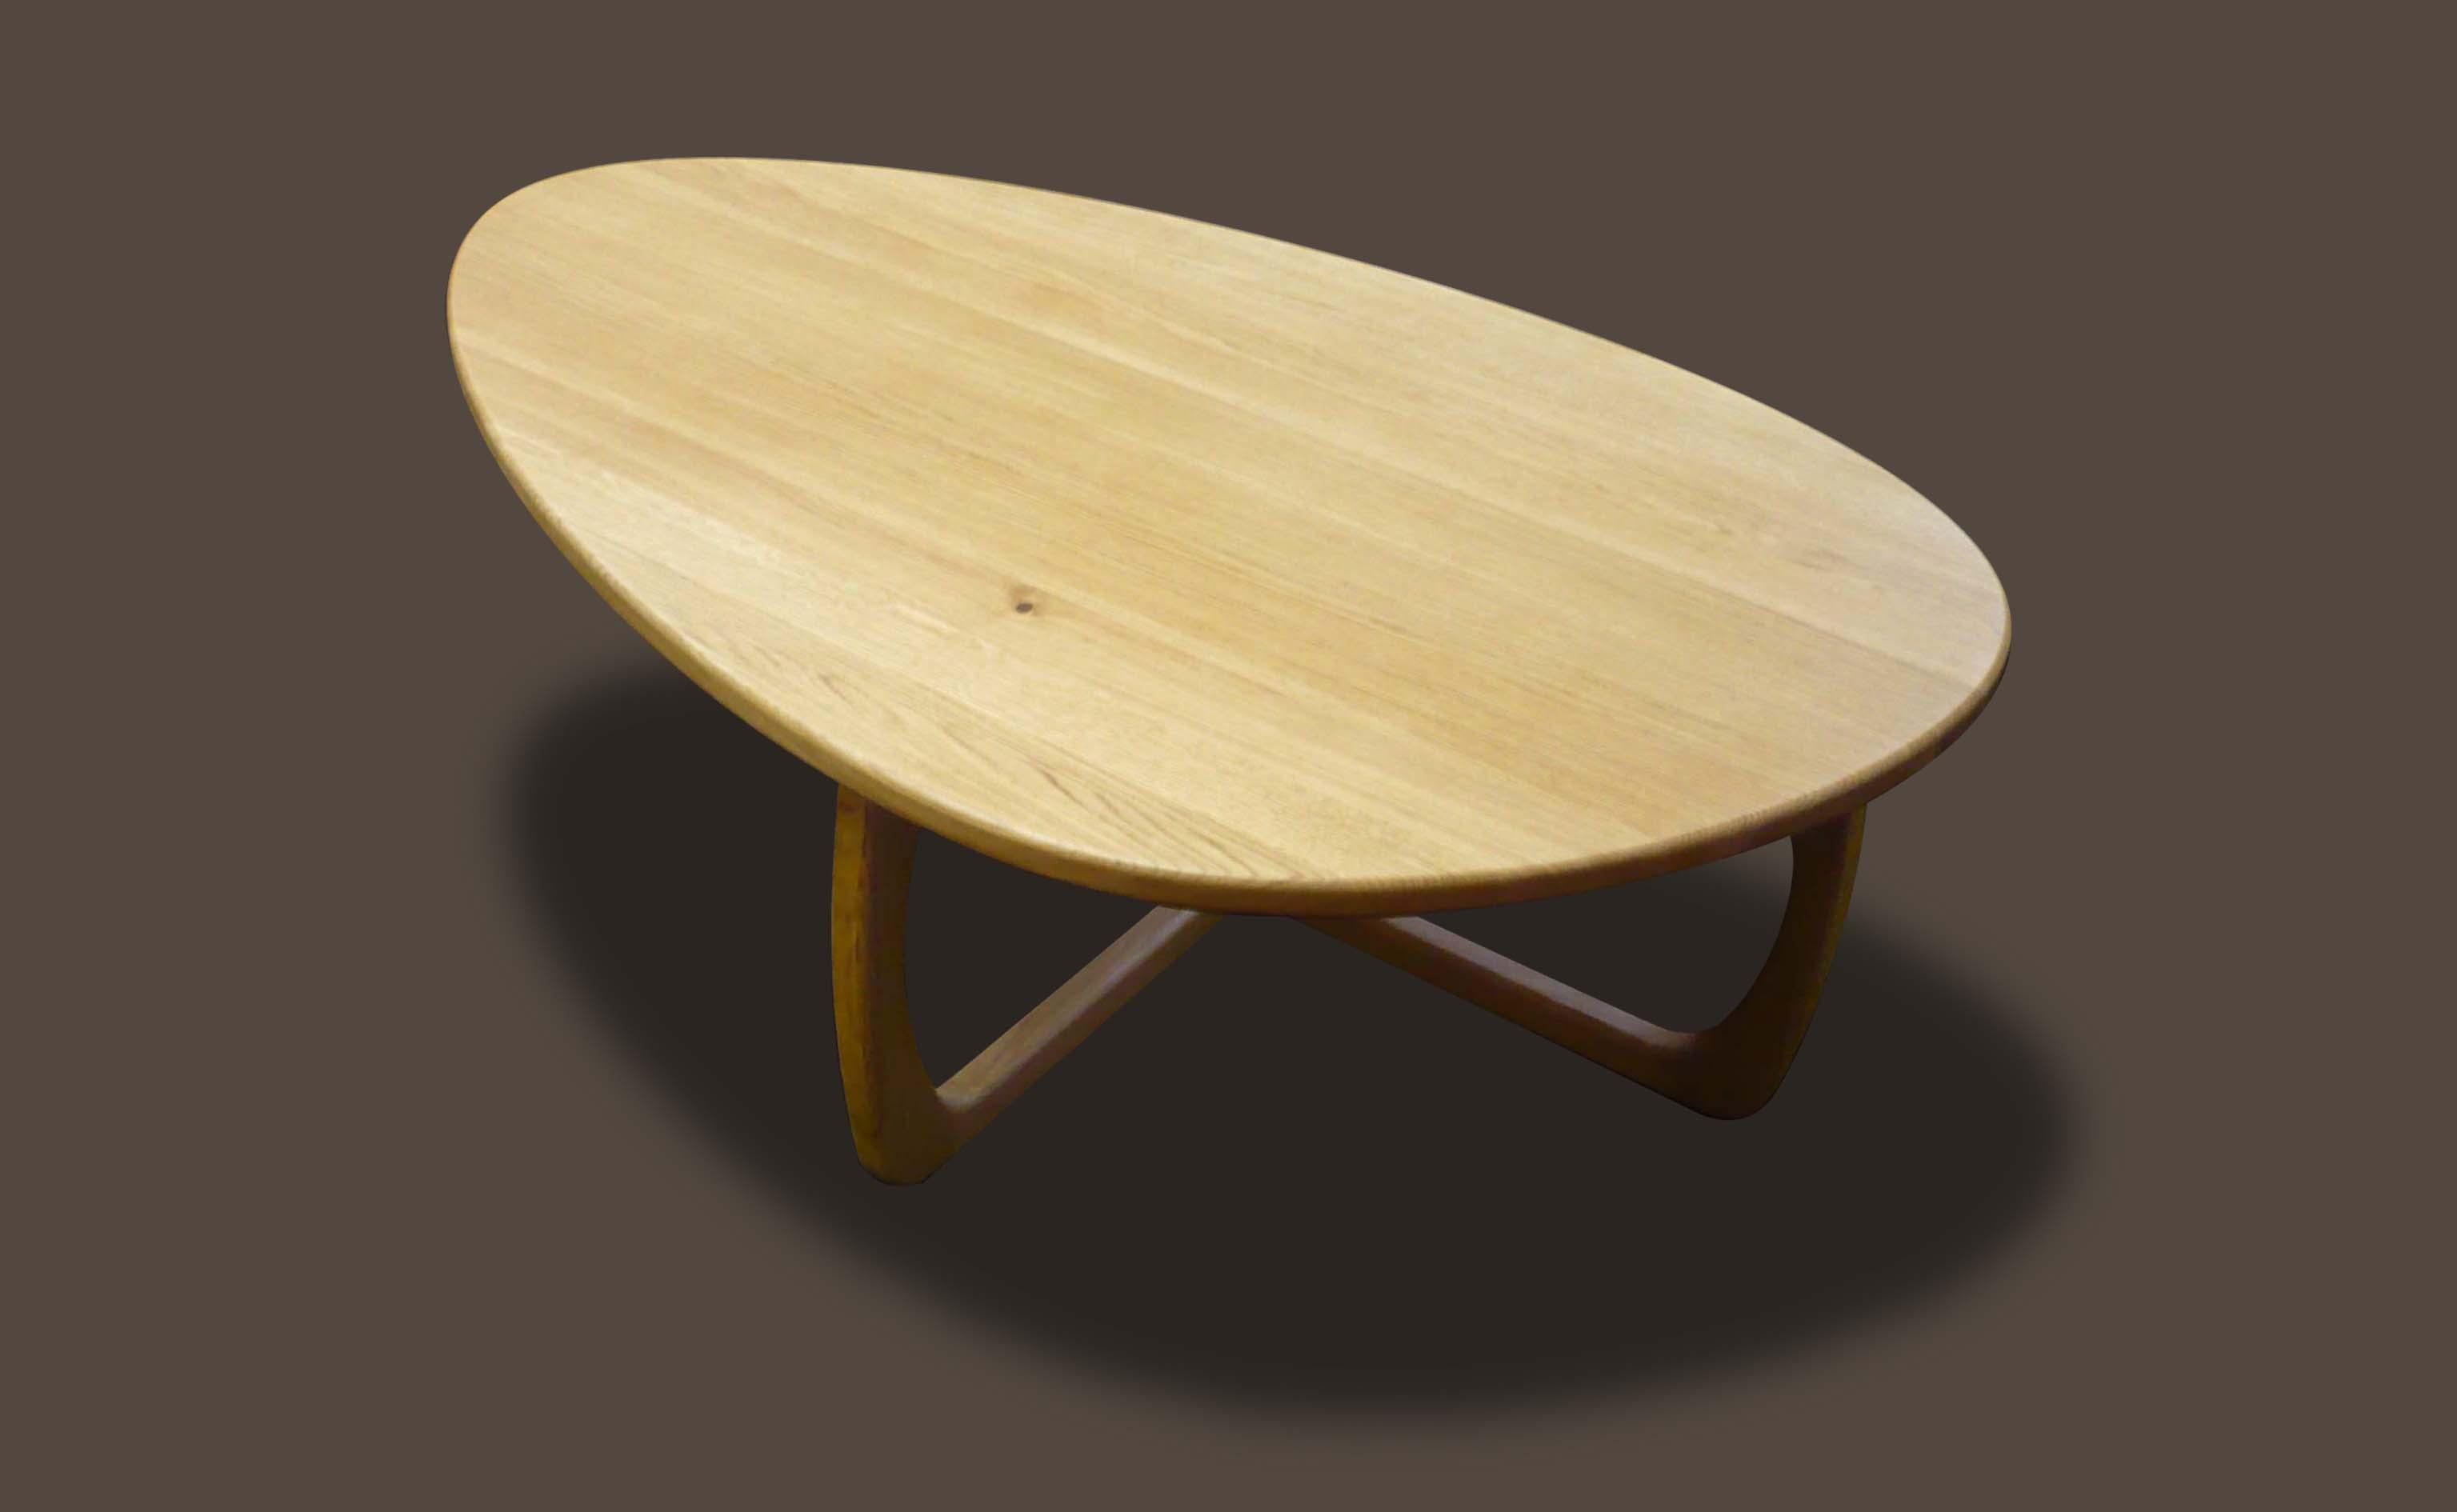 b niste cr ateur fabricant de table basse contemporaine. Black Bedroom Furniture Sets. Home Design Ideas